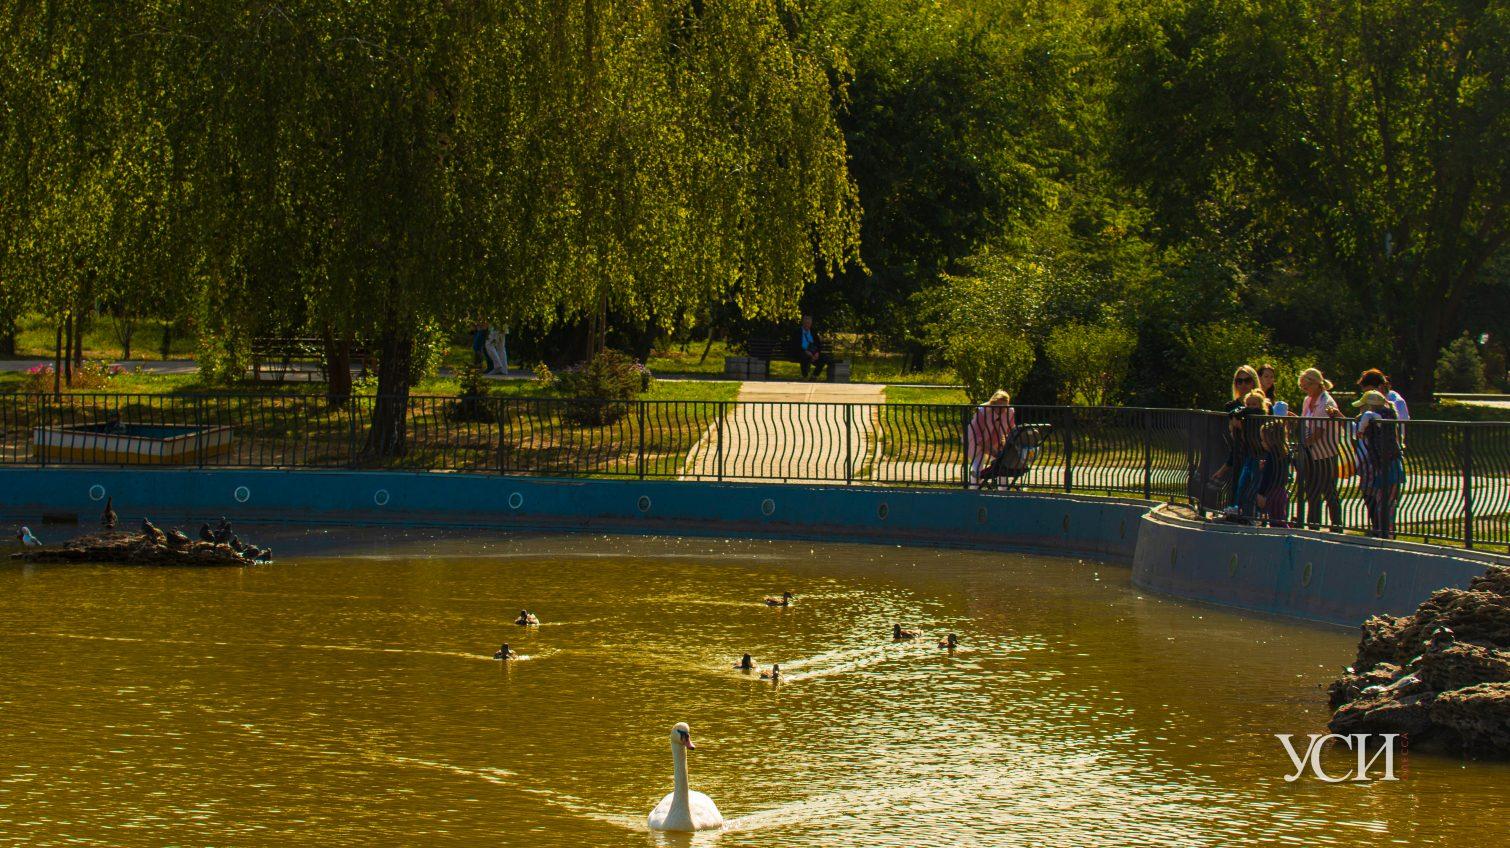 Черепахи, утки, люди: осенняя атмосфера в парке Победы (фоторепортаж) «фото»